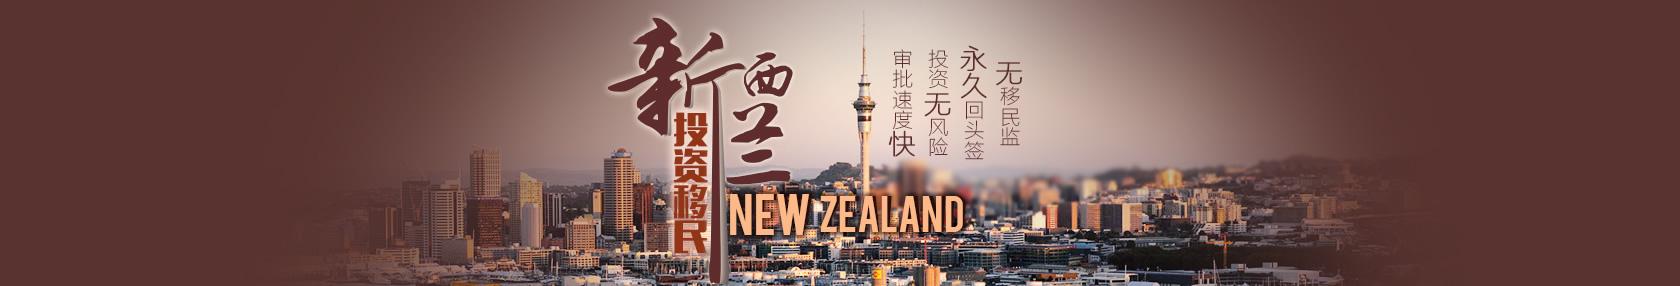 【新西兰投资移民】审批速度快、投资无风险永久回头签、无移民监。